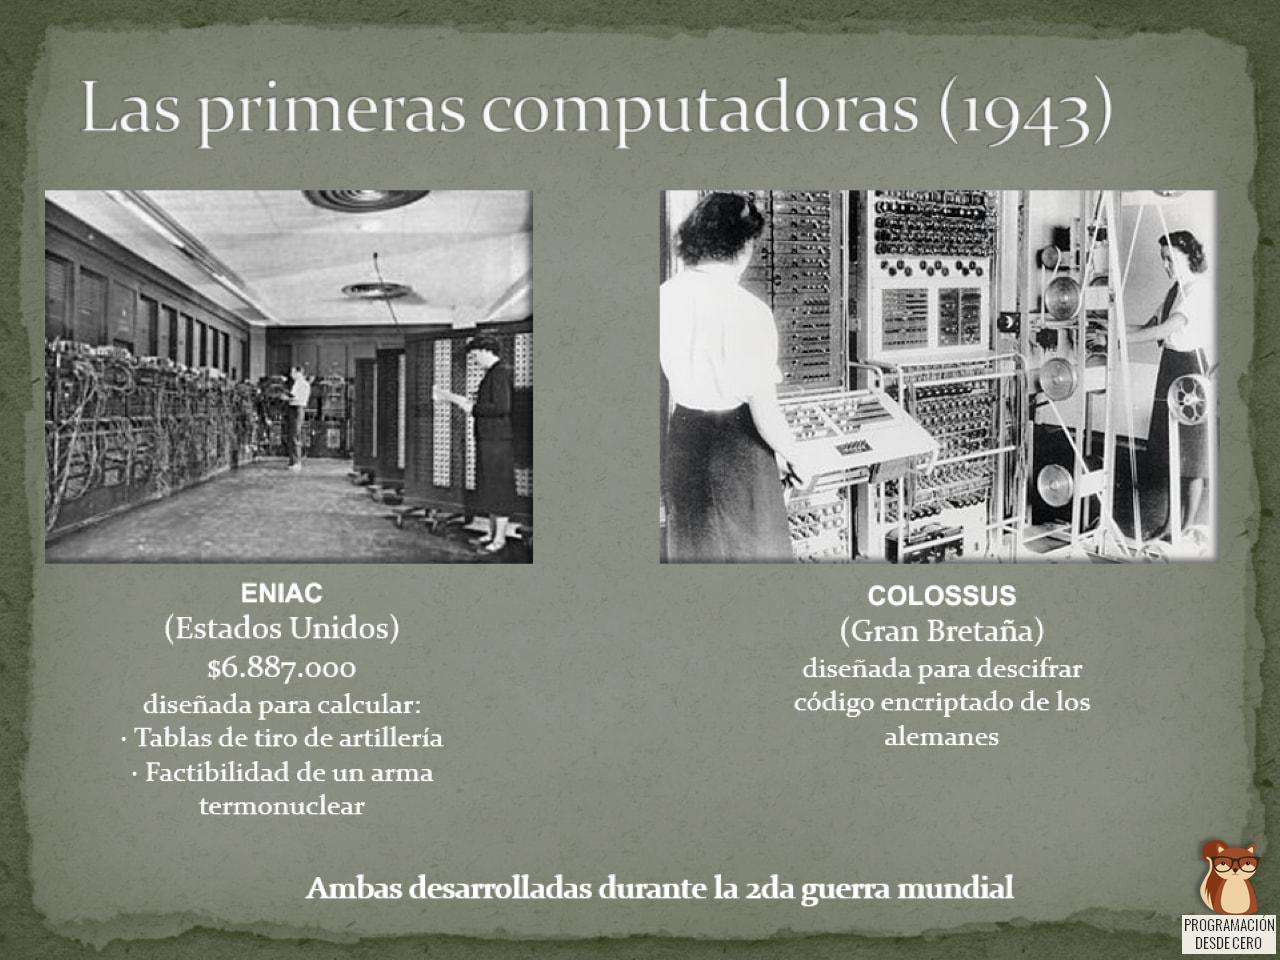 Eniac y Colossus, dos de las primeras computadoras